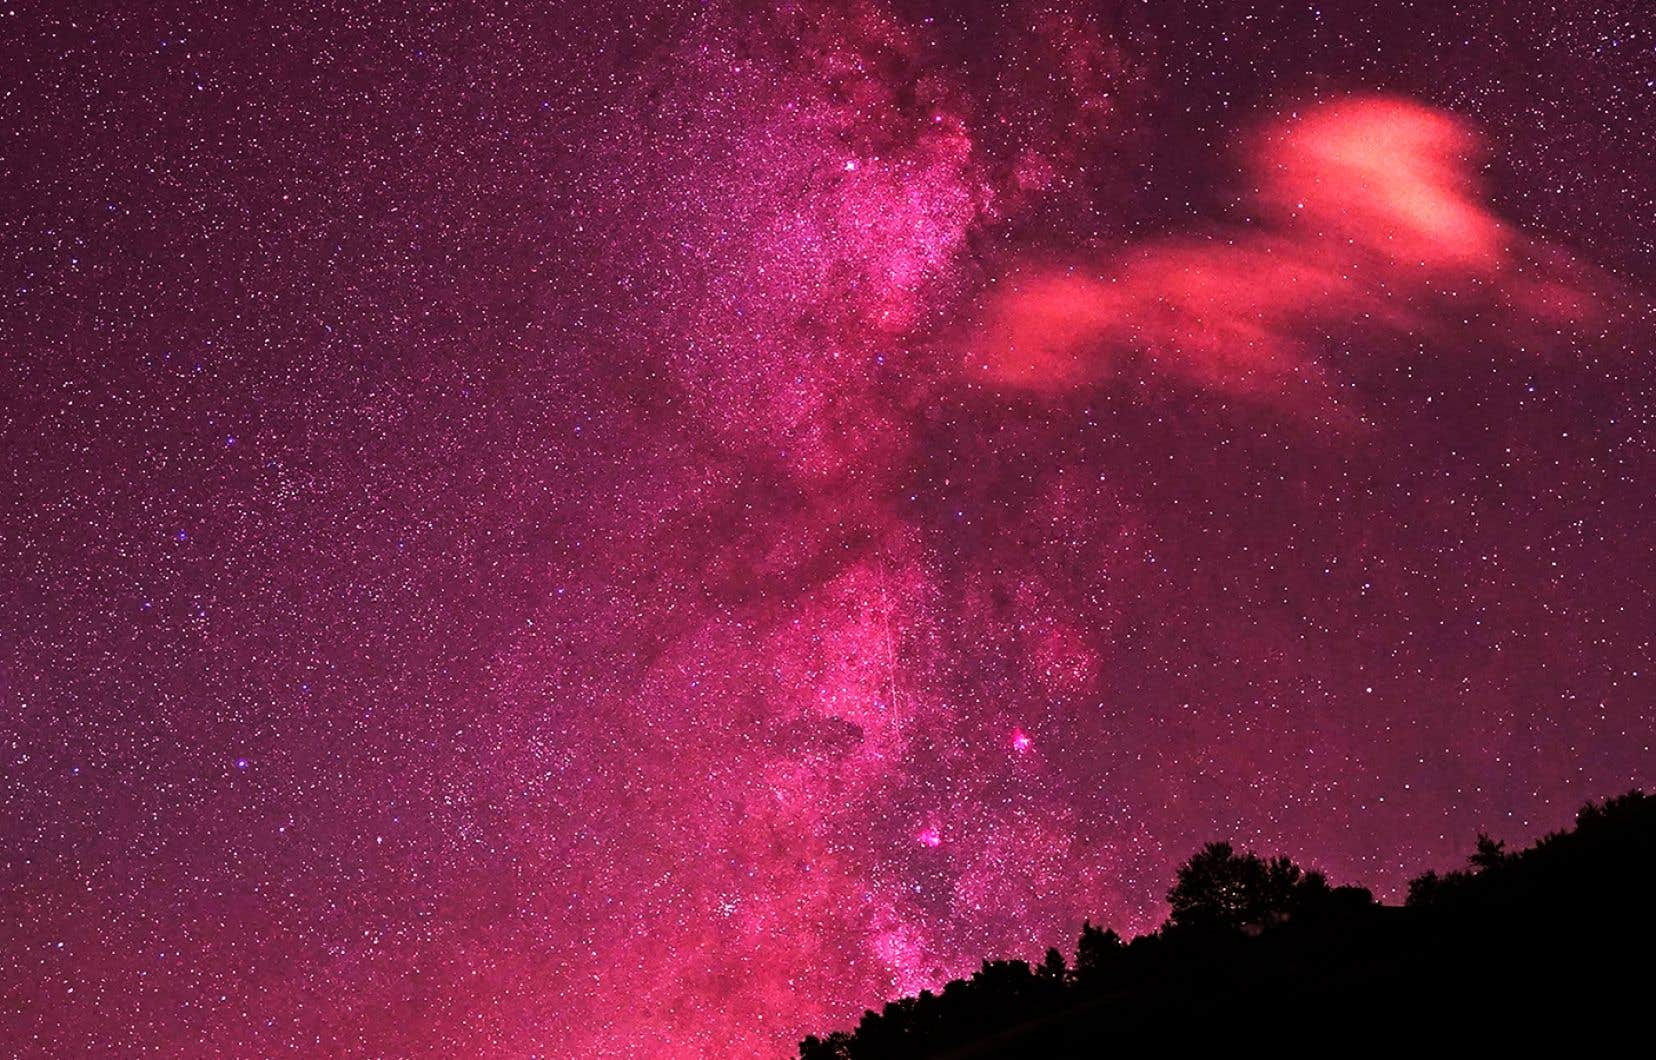 «Chasseurs d'étoiles» offre des images d'étoiles, de constellations et de galaxies.